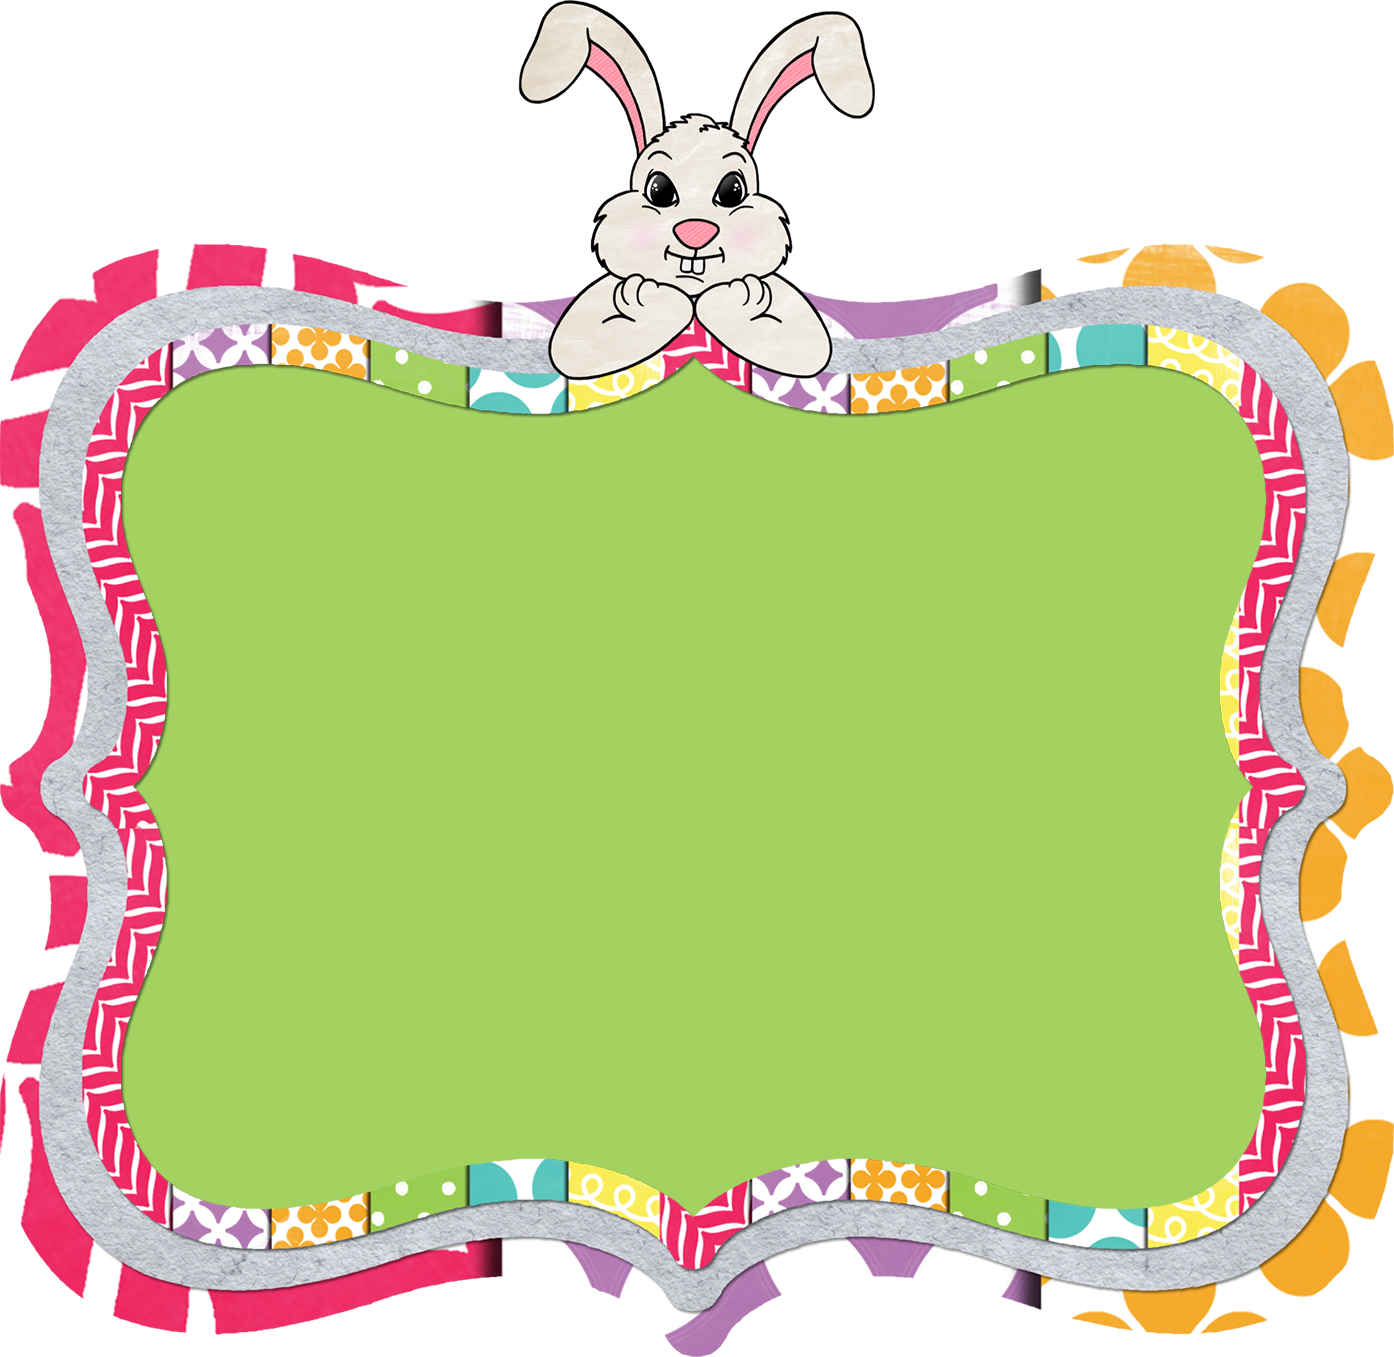 Free Clip Art Text Frames by The 3AM Teacher | Top Teachers ...